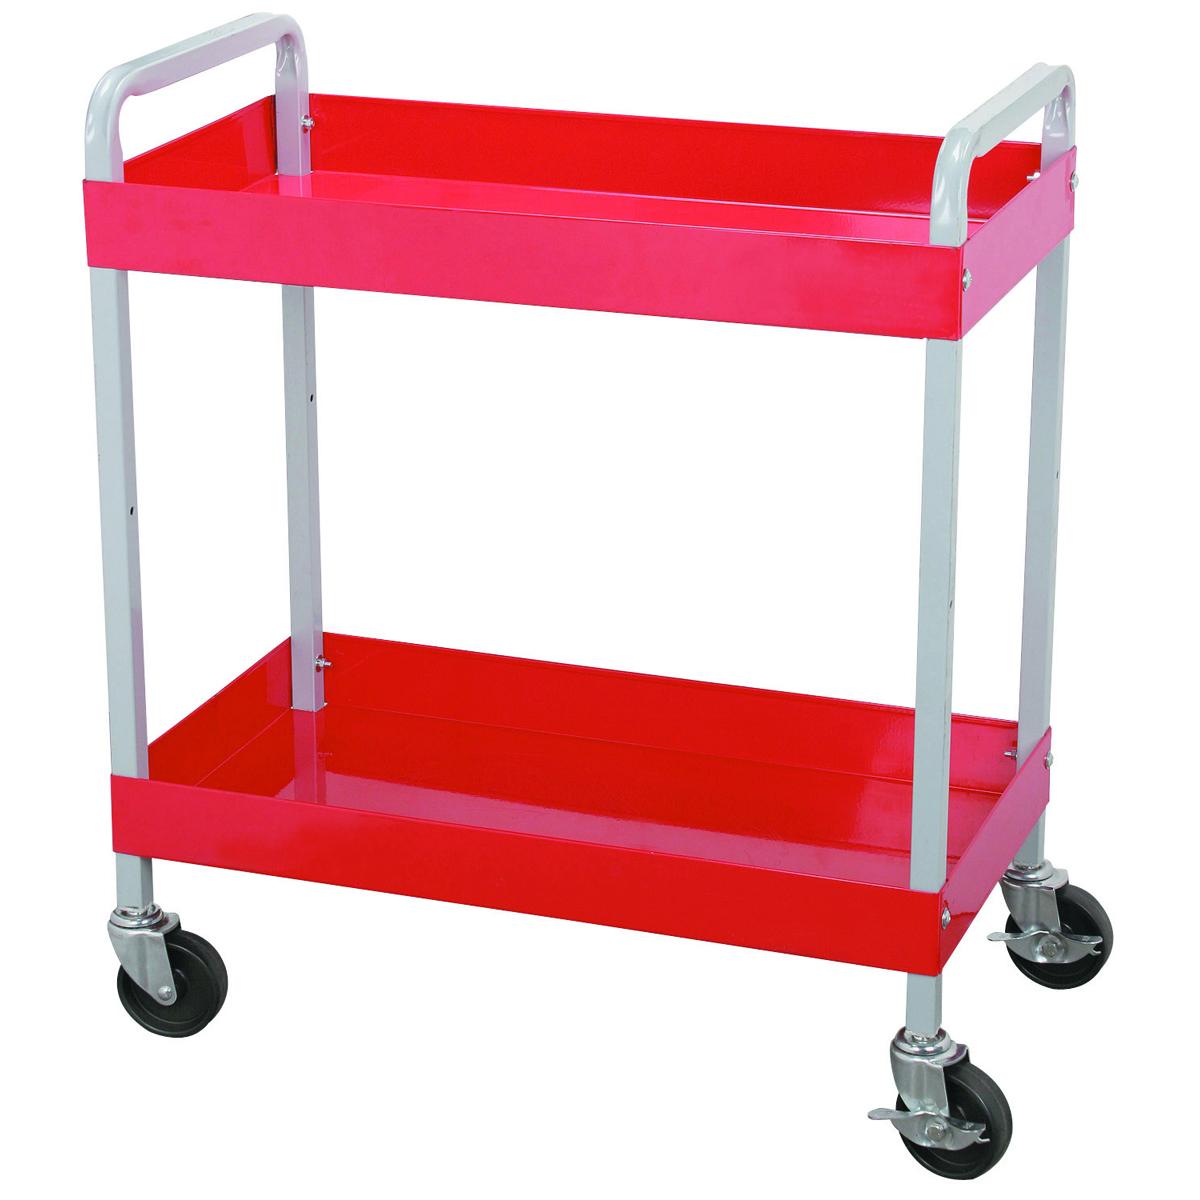 U.S. GENERAL 30 In. x 16 In. Two Shelf Steel Service Cart - Item 97541